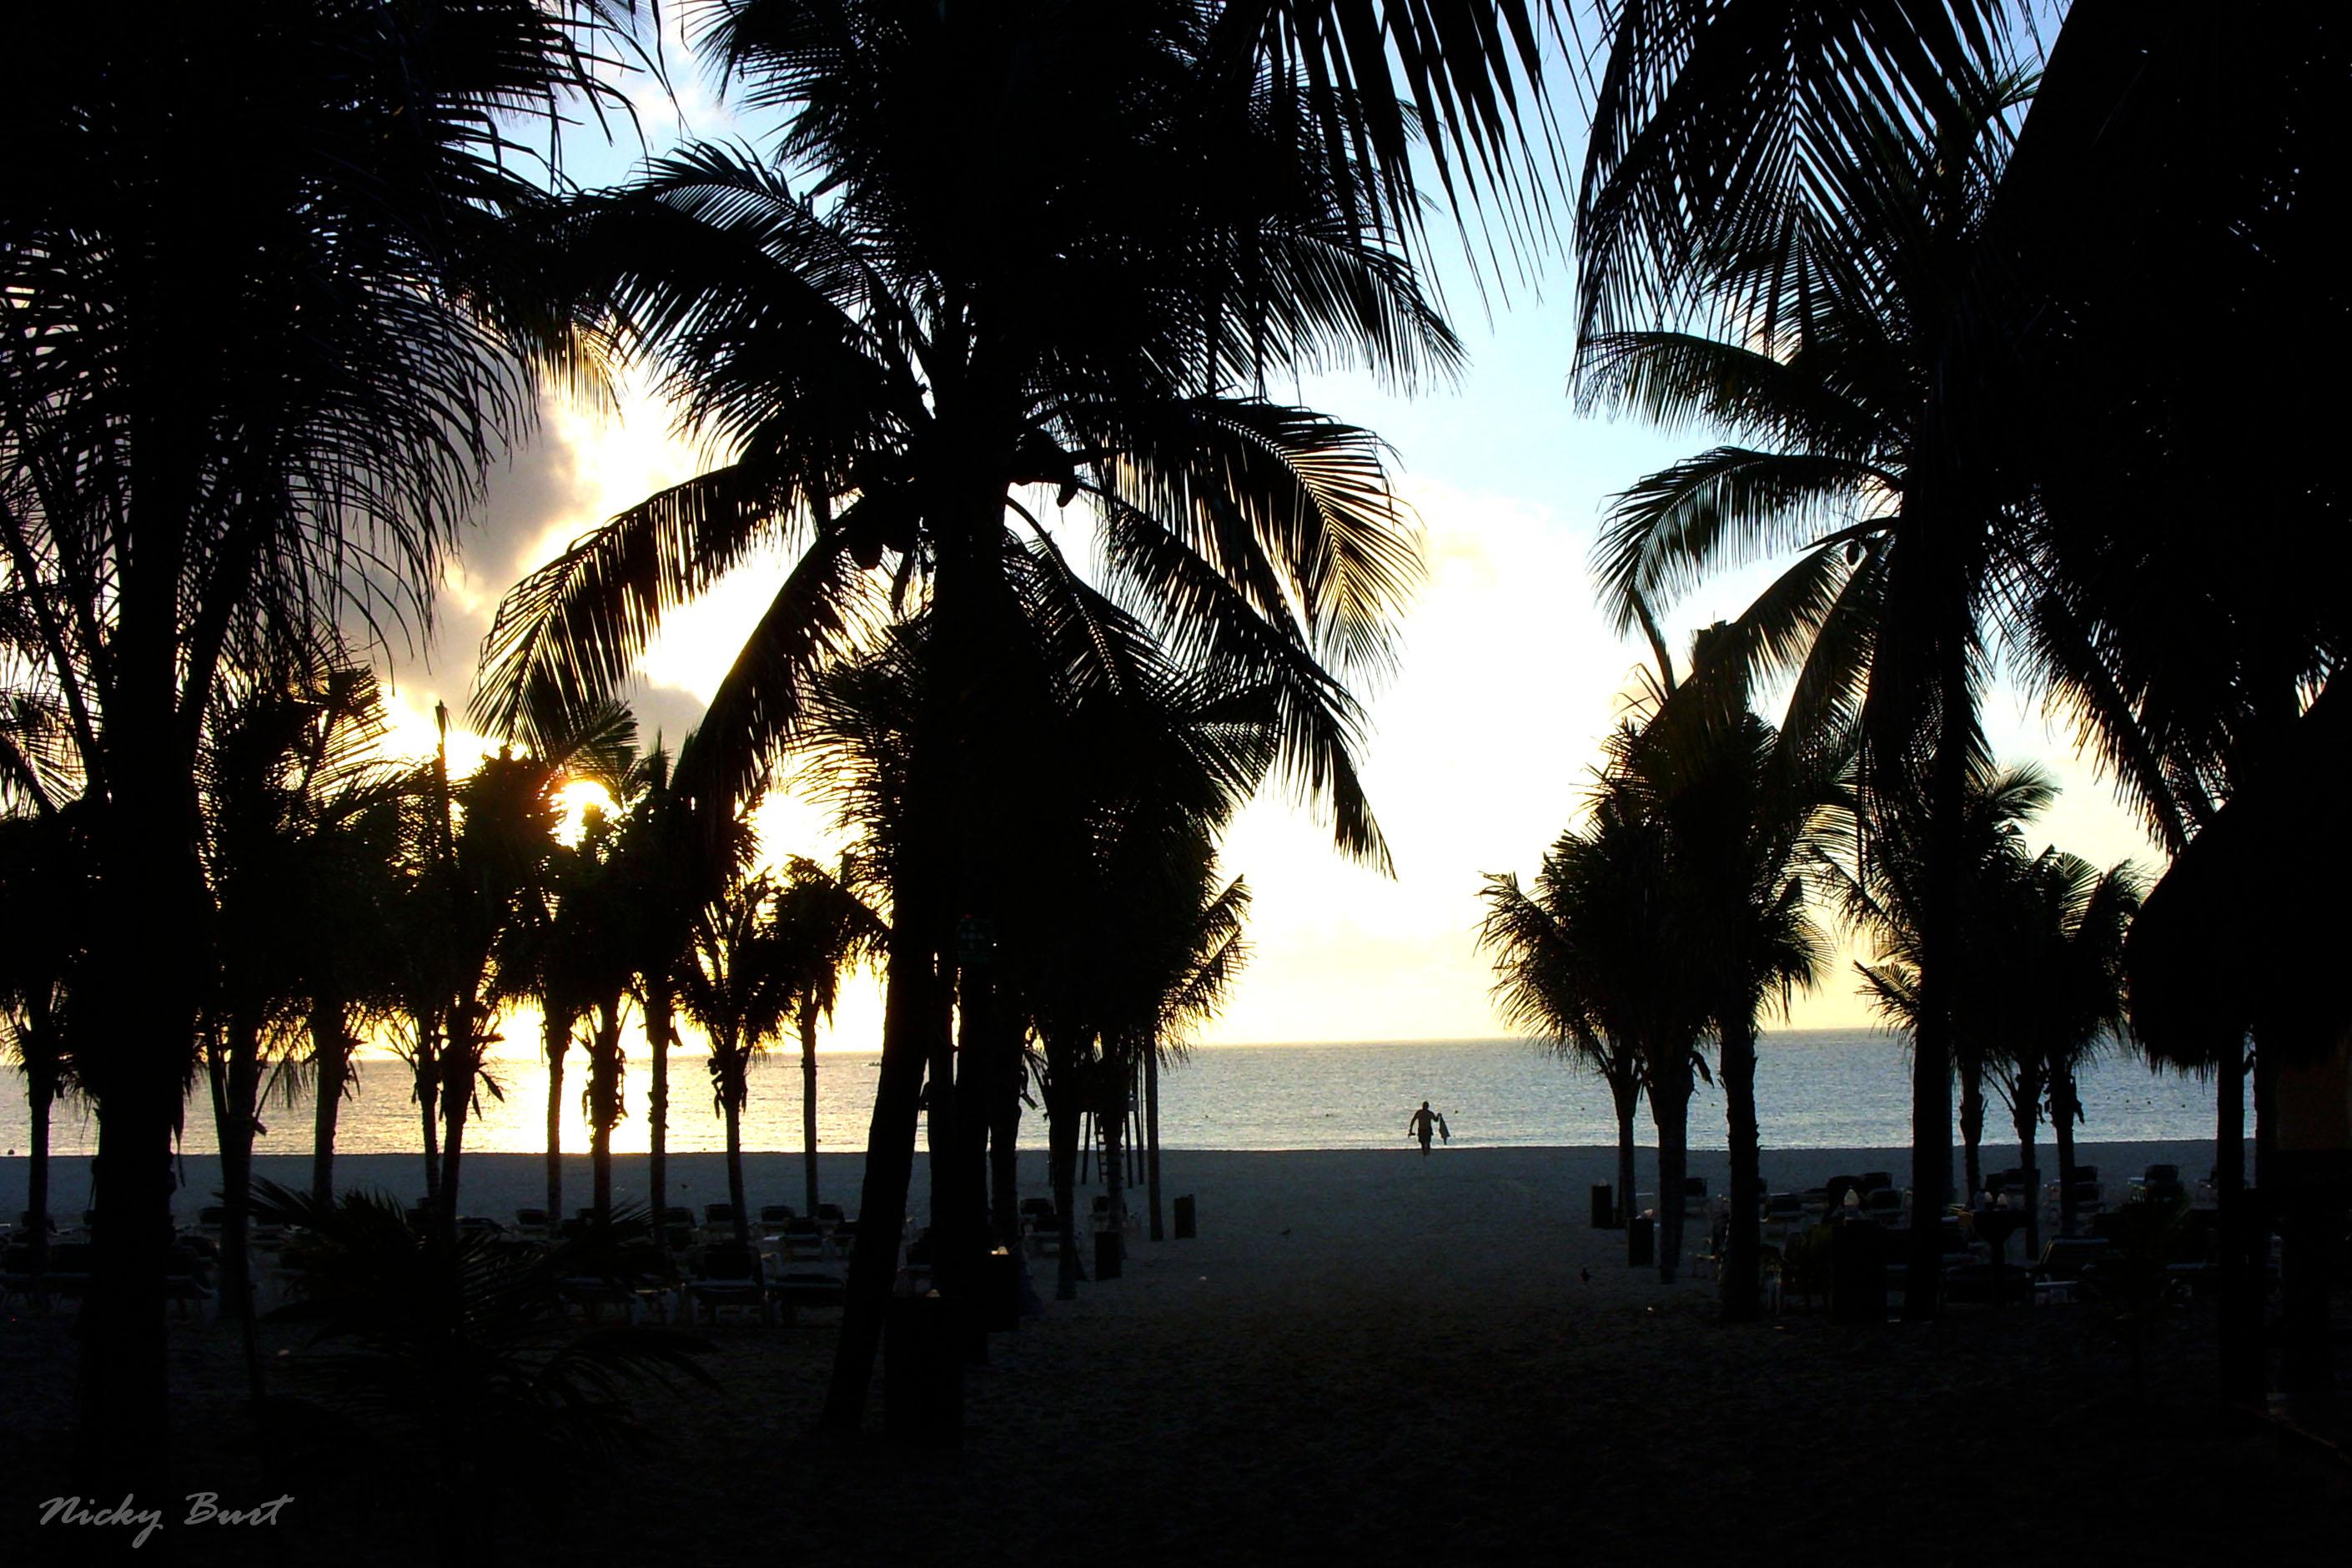 riviera_maya_beach_1.JPG